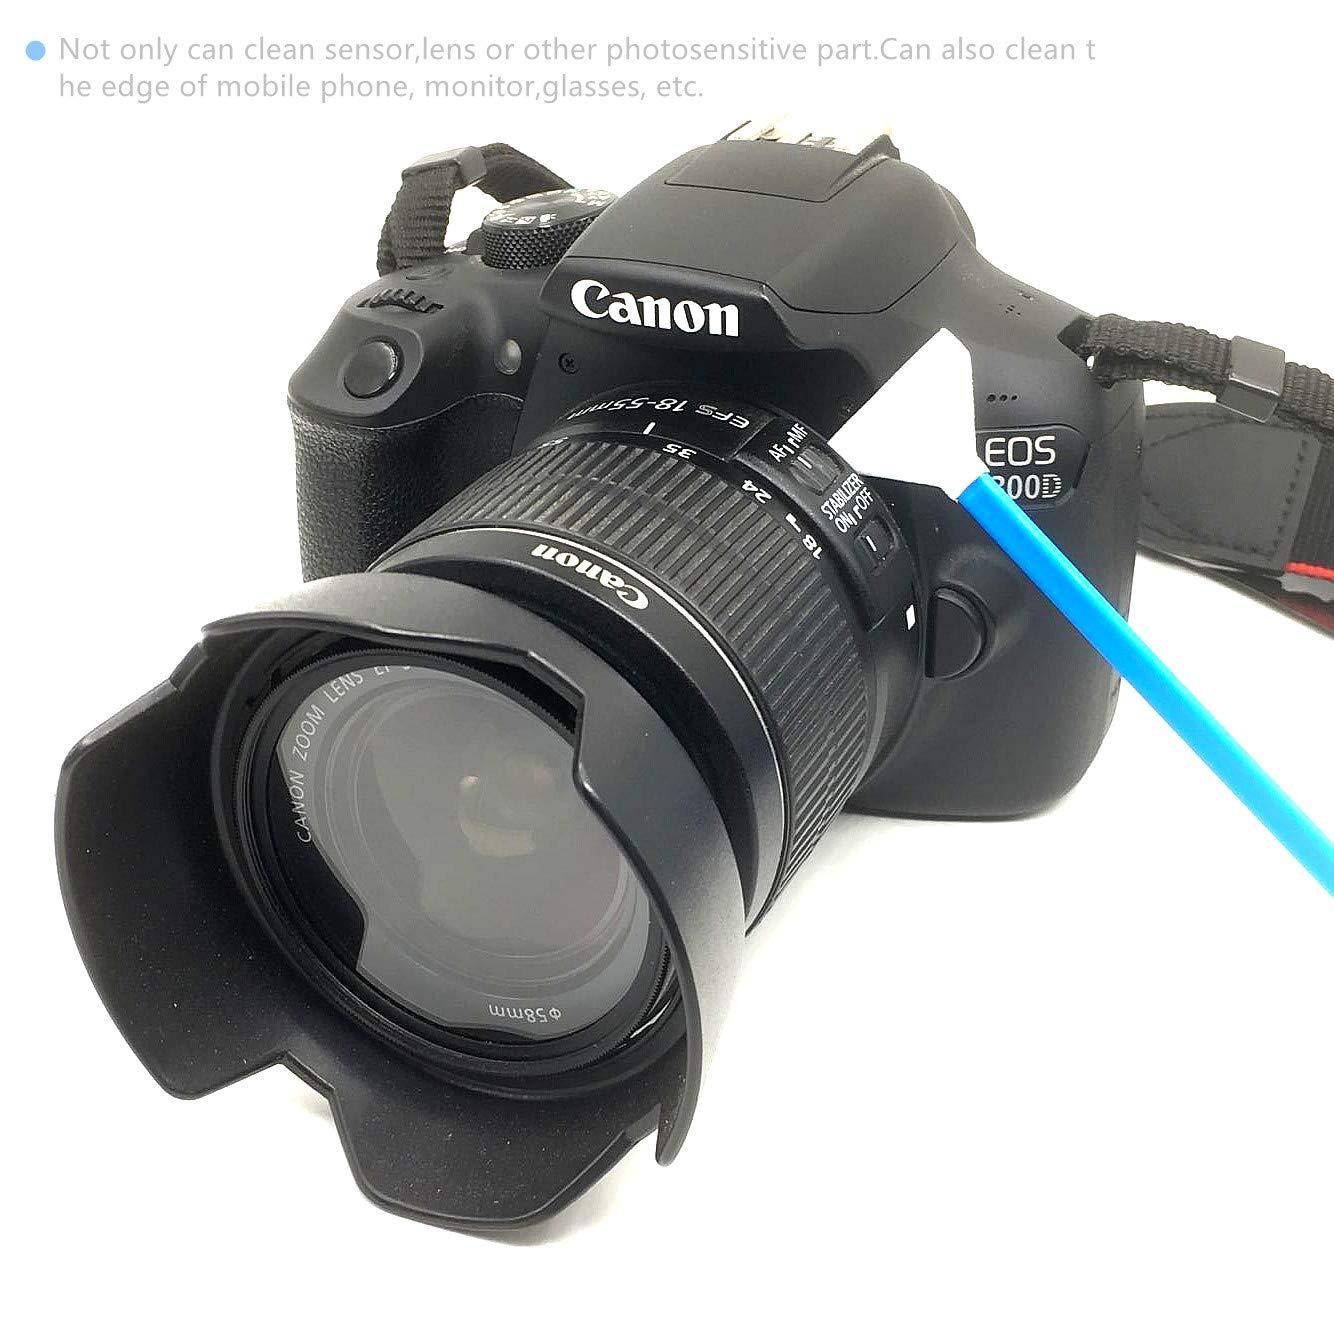 SANHOOII Kit de Limpieza de cámara Digital DSLR o SLR, Sensor de ...